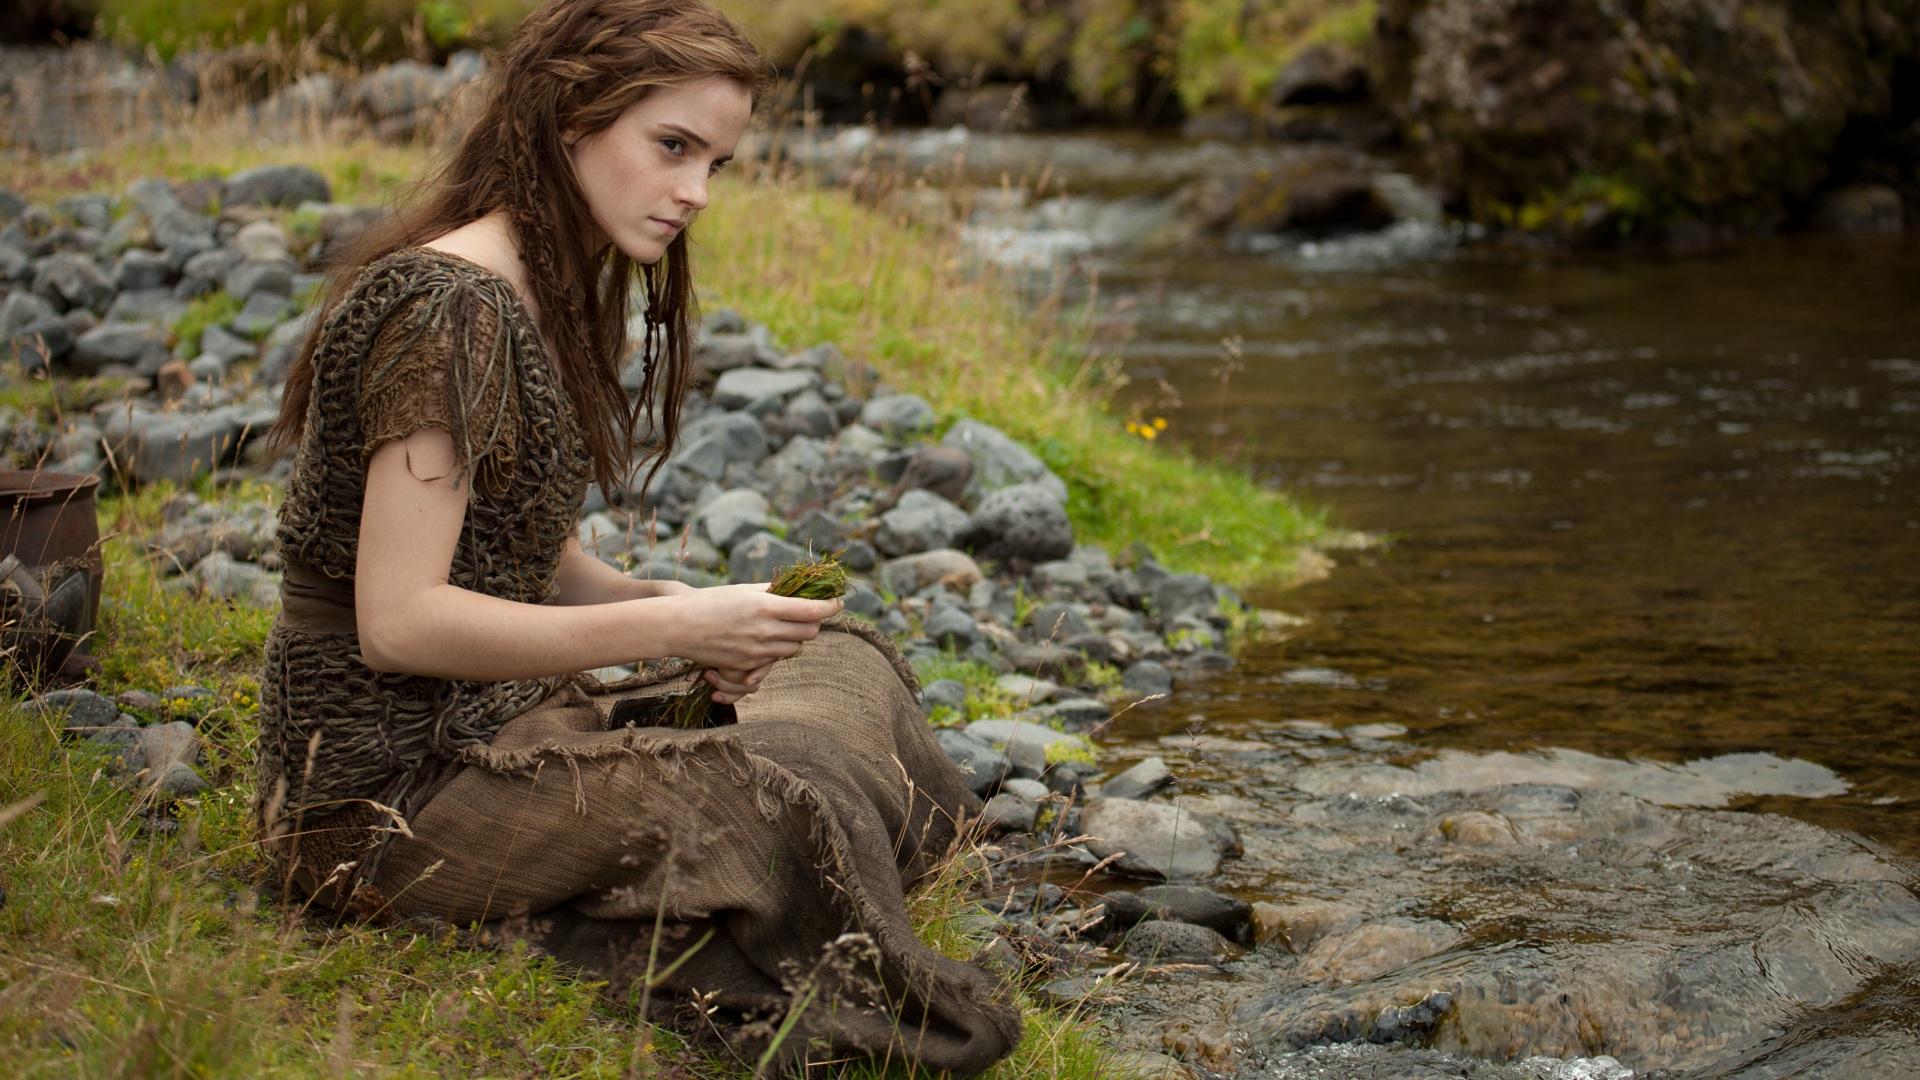 Bilder von Emma Watson Noah Bach Mädchens Steine Sitzend Blick Prominente 1920x1080 Bäche sitzt sitzen Starren